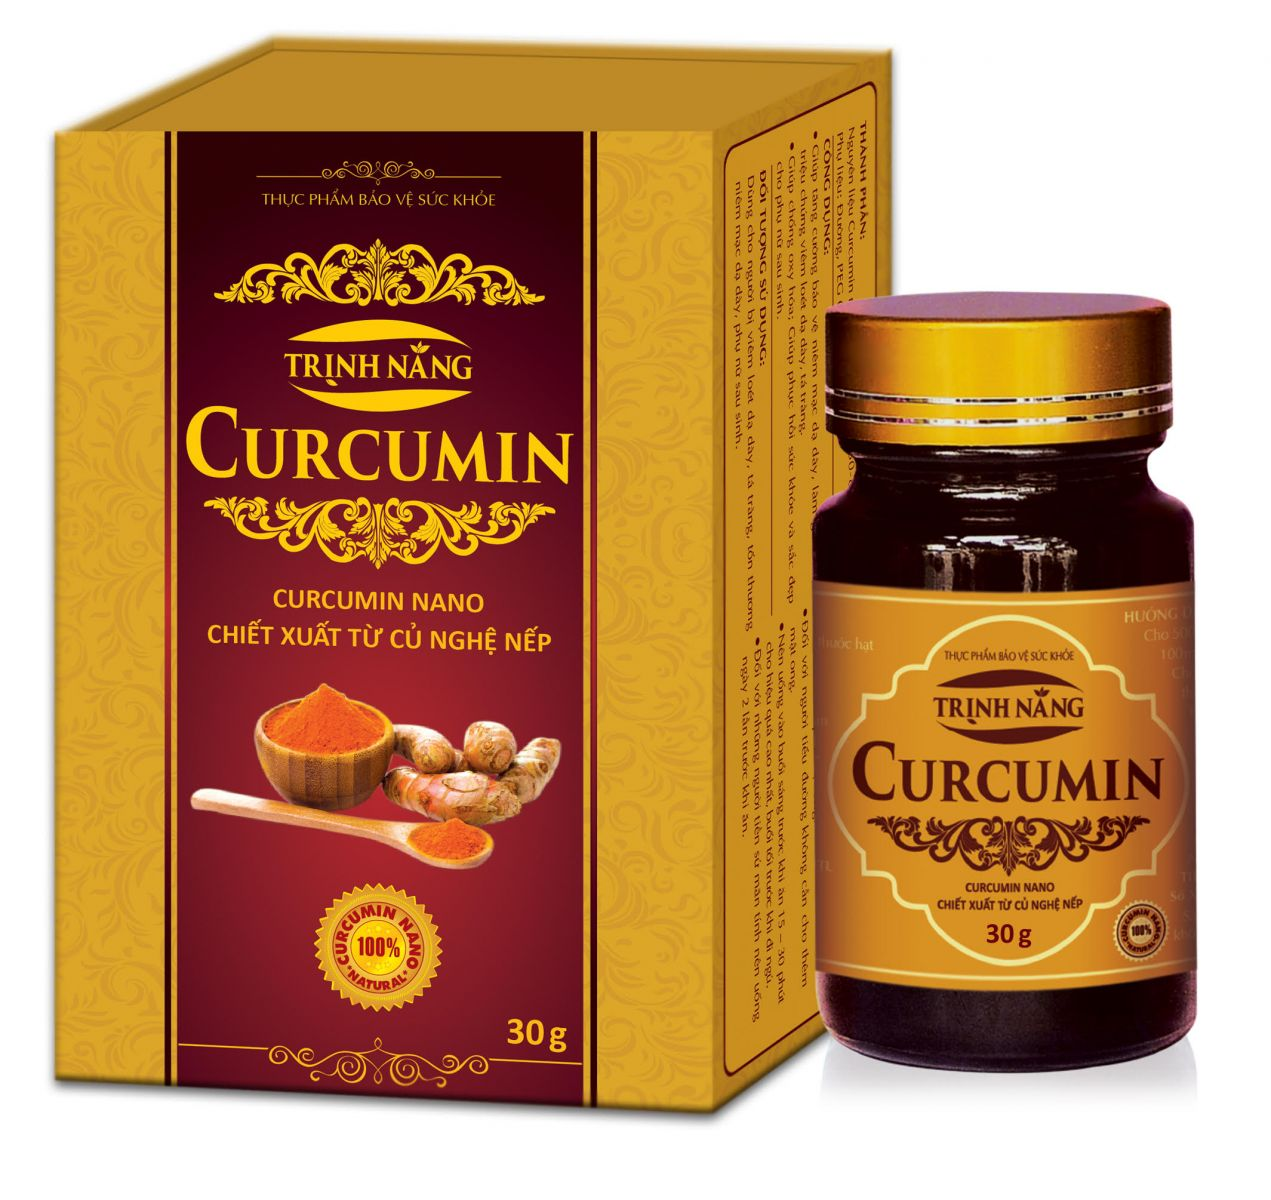 Trịnh Năng Curcumin